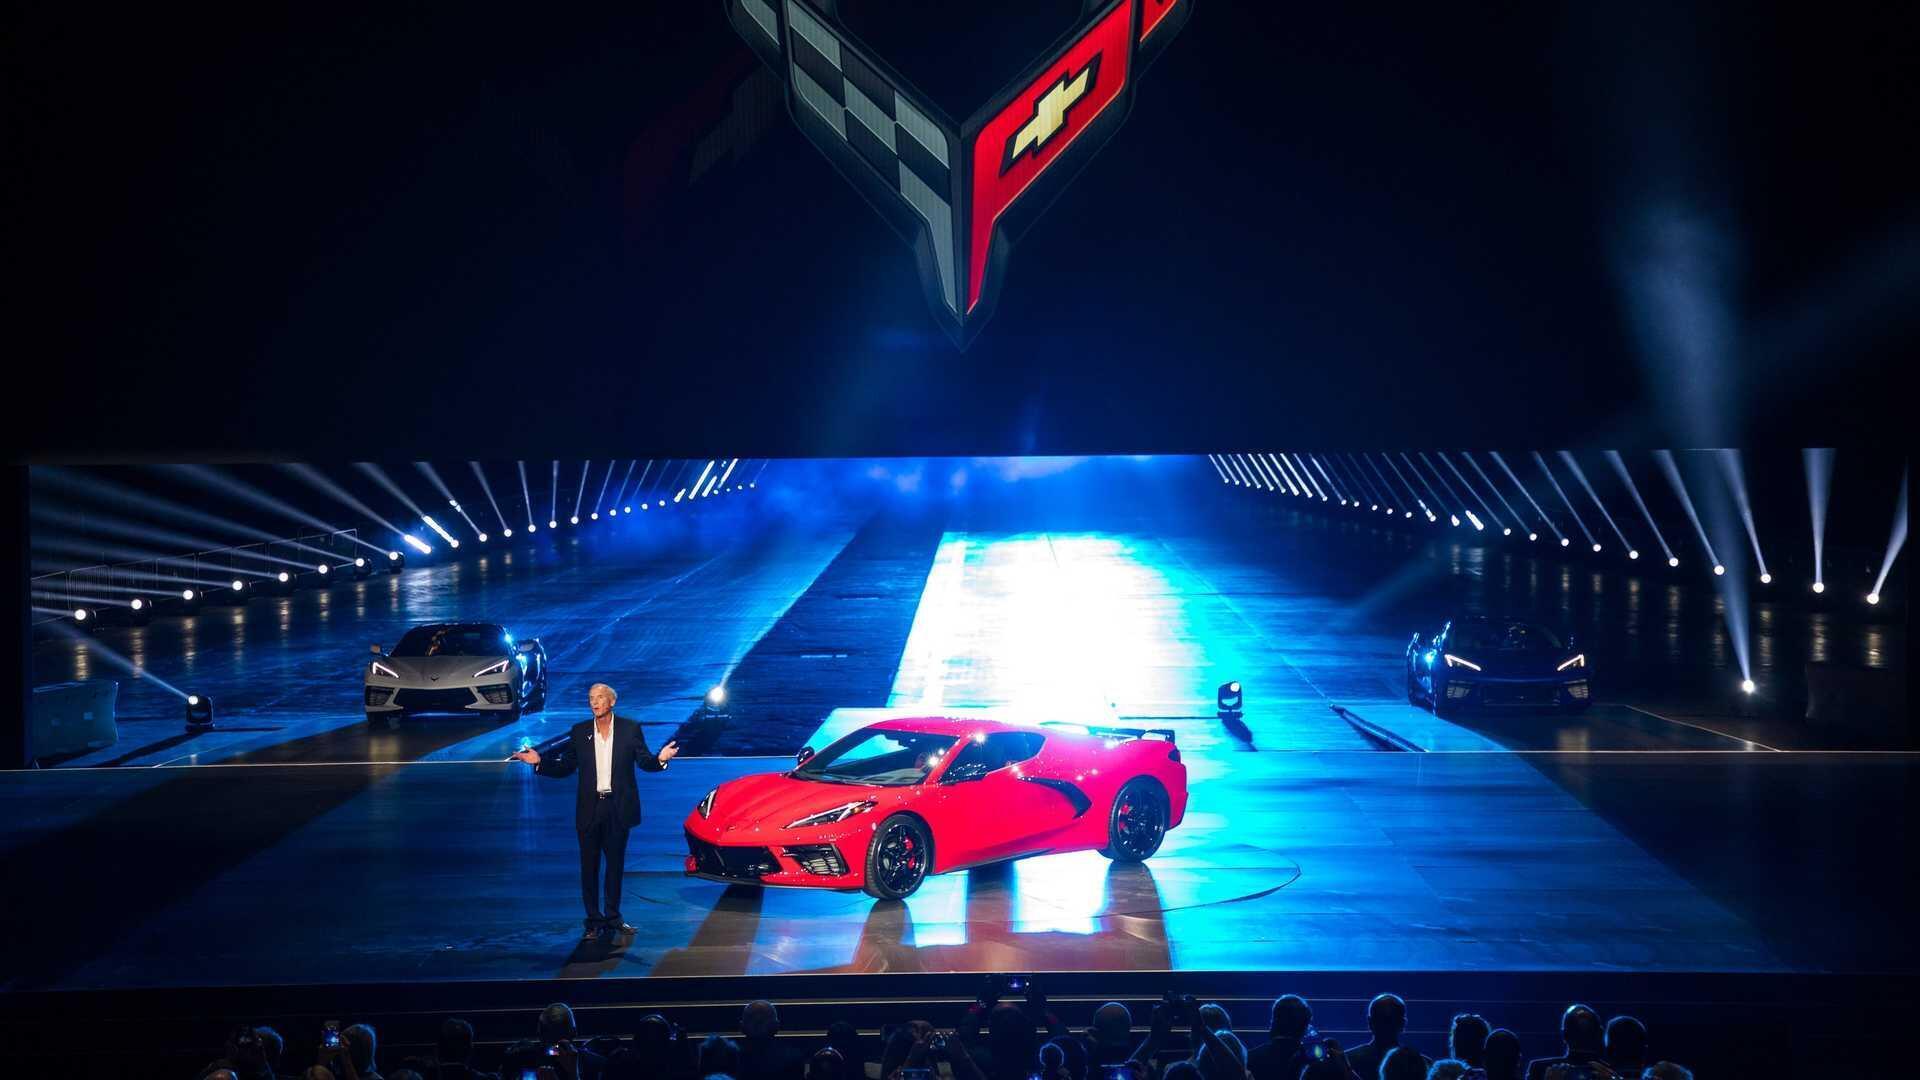 https://cdn.dailyxe.com.vn/image/chevrolet-corvette-2020-co-mot-so-tinh-nang-an-tuyet-voi-20-94516j2.jpg